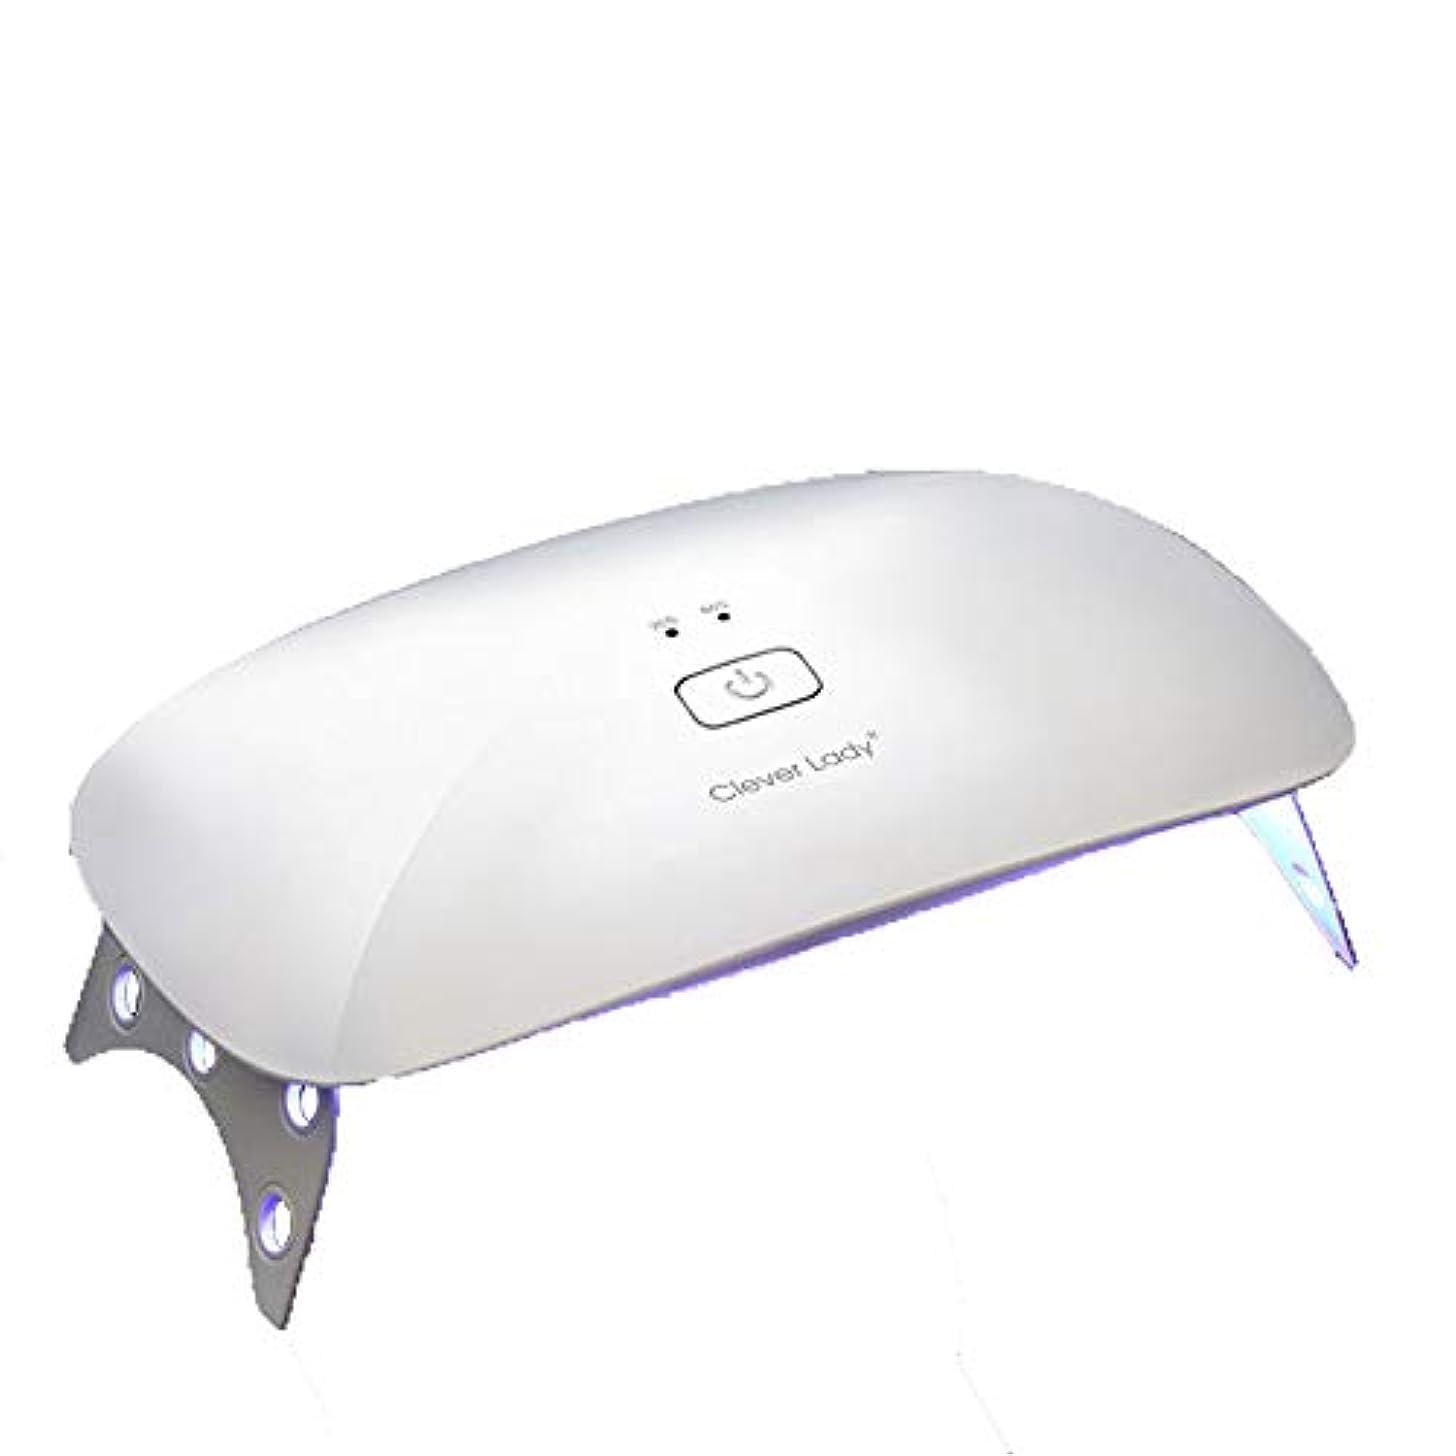 解決する踏みつけ家事をするLEDネイル光線療法機、ホームインテリジェント自動誘導ネイル硬化機折りたたみ式クイックドライヤー、ポータブルネイルポリッシャー